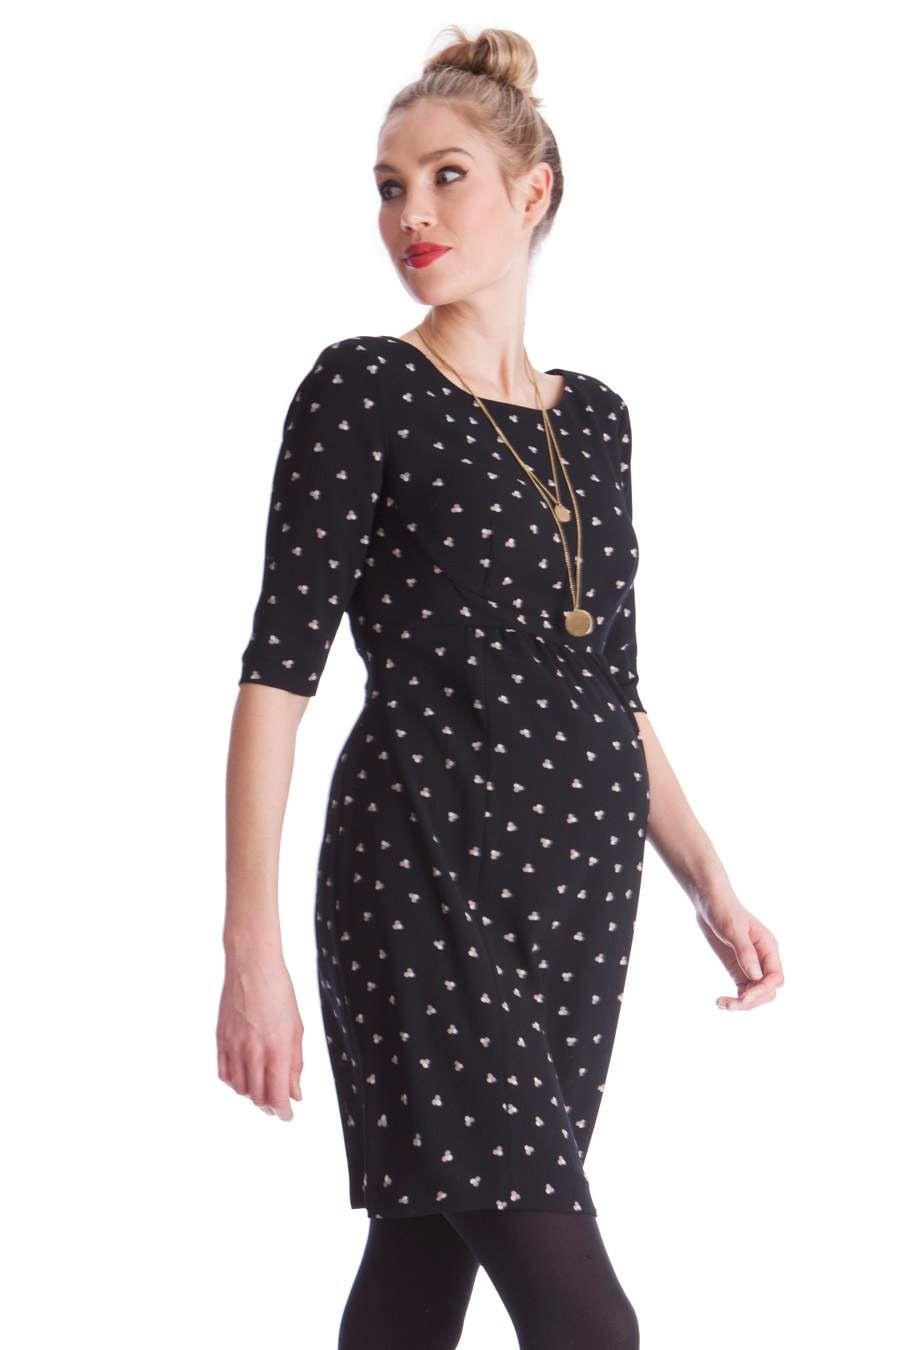 10 Einfach Halblange Kleider Mode Vertrieb17 Einfach Halblange Kleider Mode Spezialgebiet